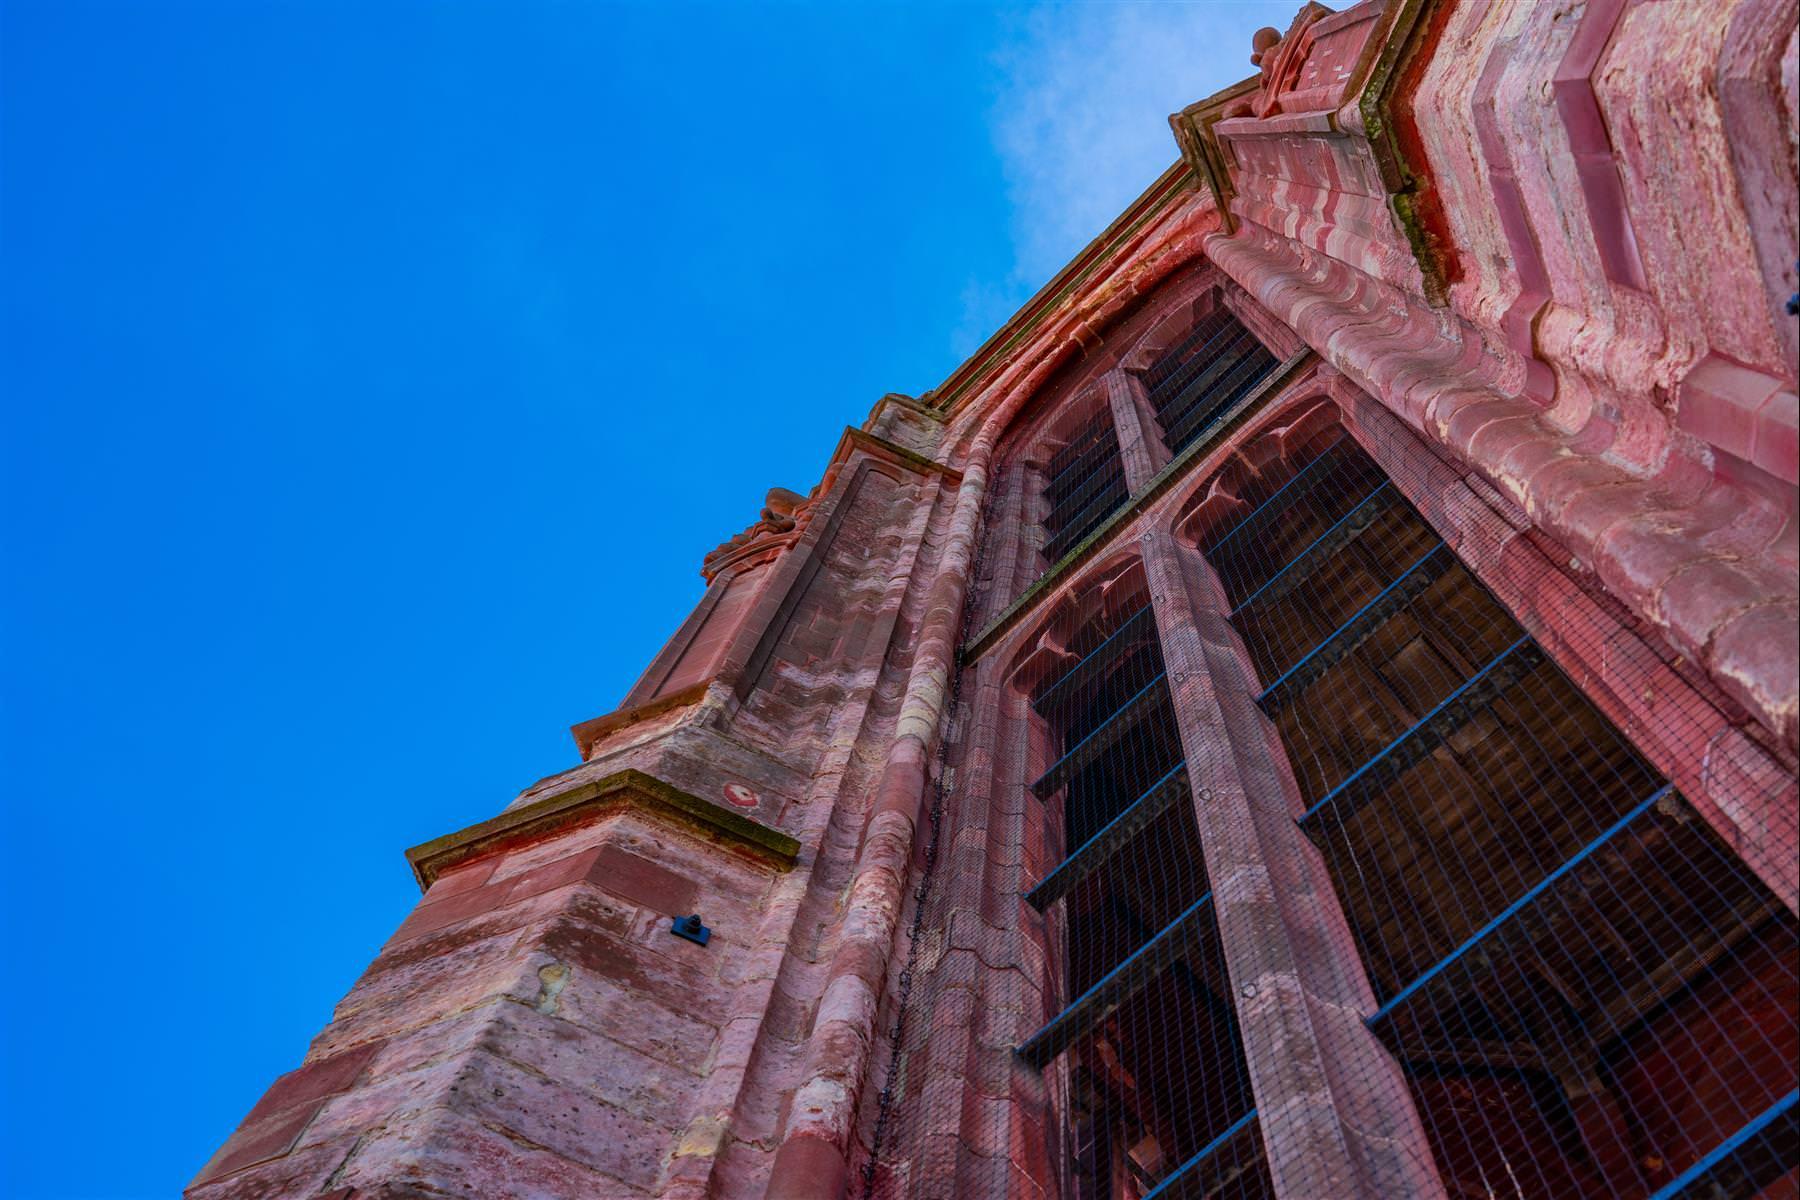 牛血教堂 Sint Janskerk